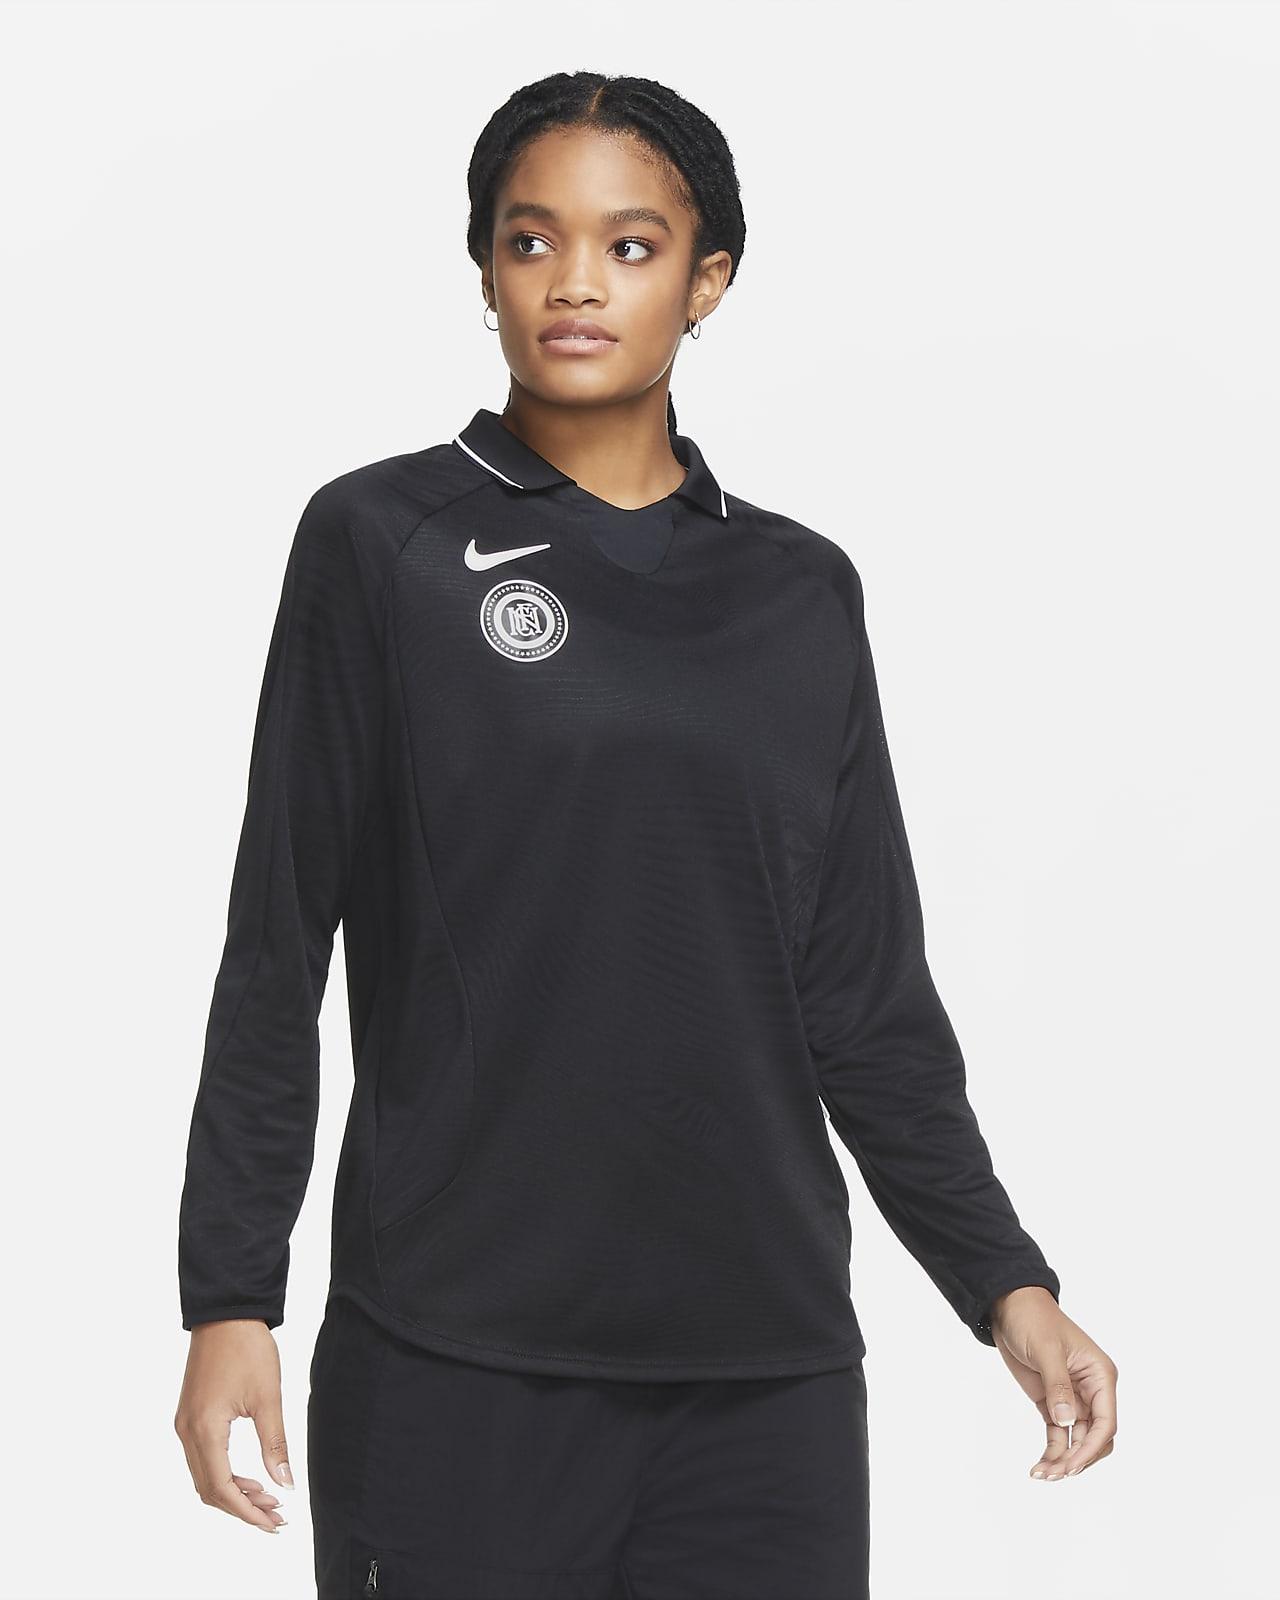 Nike F.C. Voetbalshirt met lange mouwen voor dames